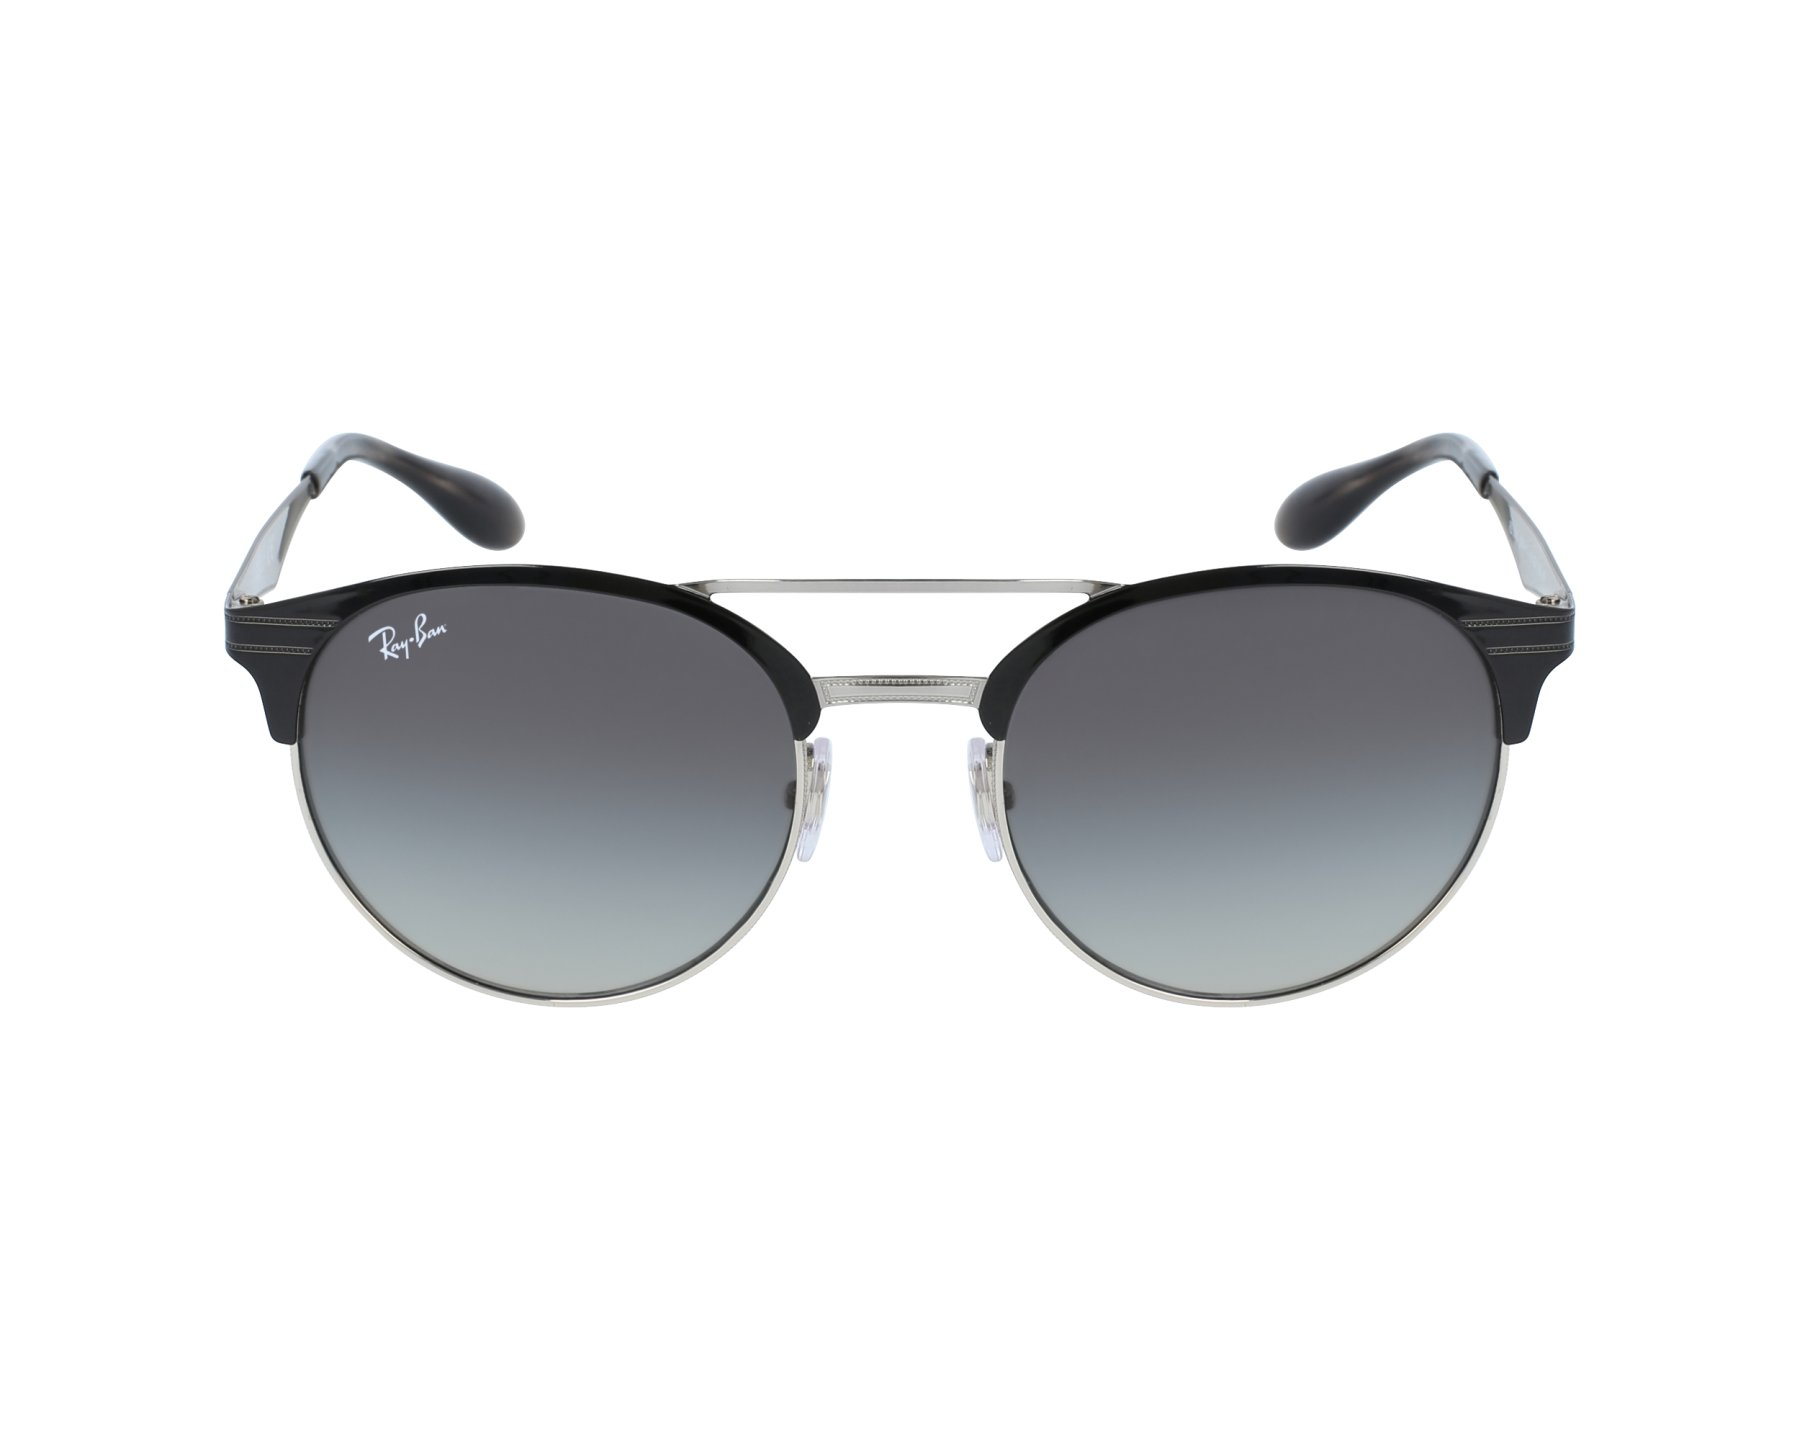 lunettes de soleil ray ban rb 3545 9004 11 noir avec des verres gris. Black Bedroom Furniture Sets. Home Design Ideas